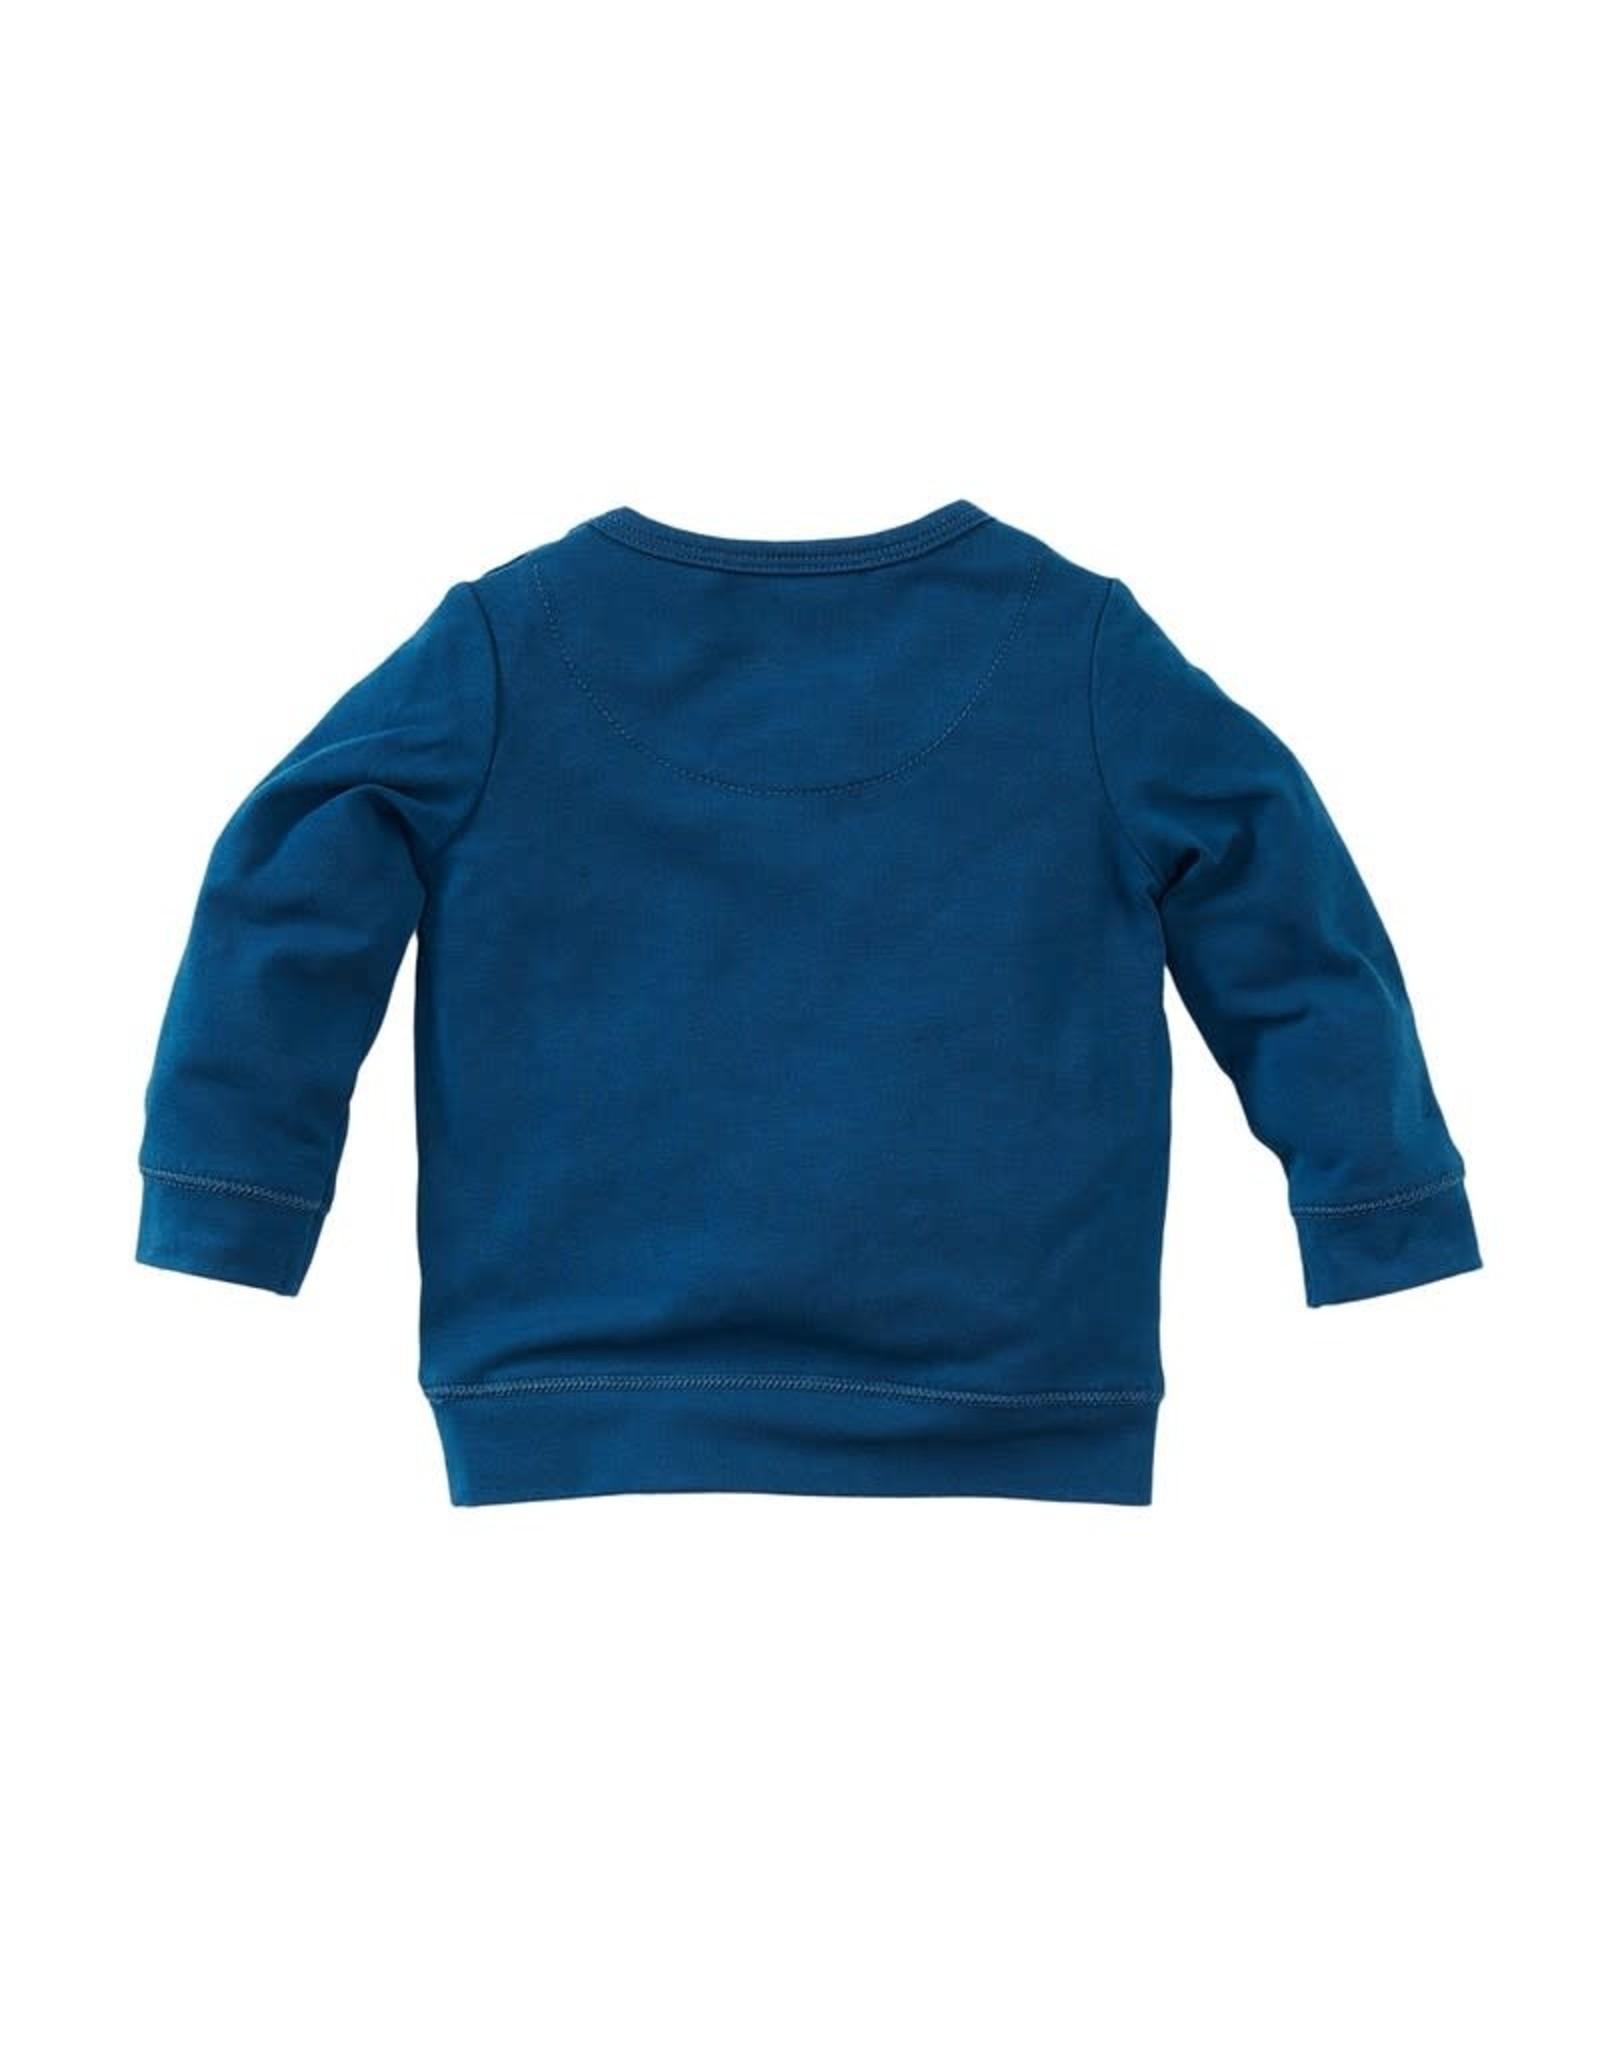 Z8 Jacksonville T-Shirt